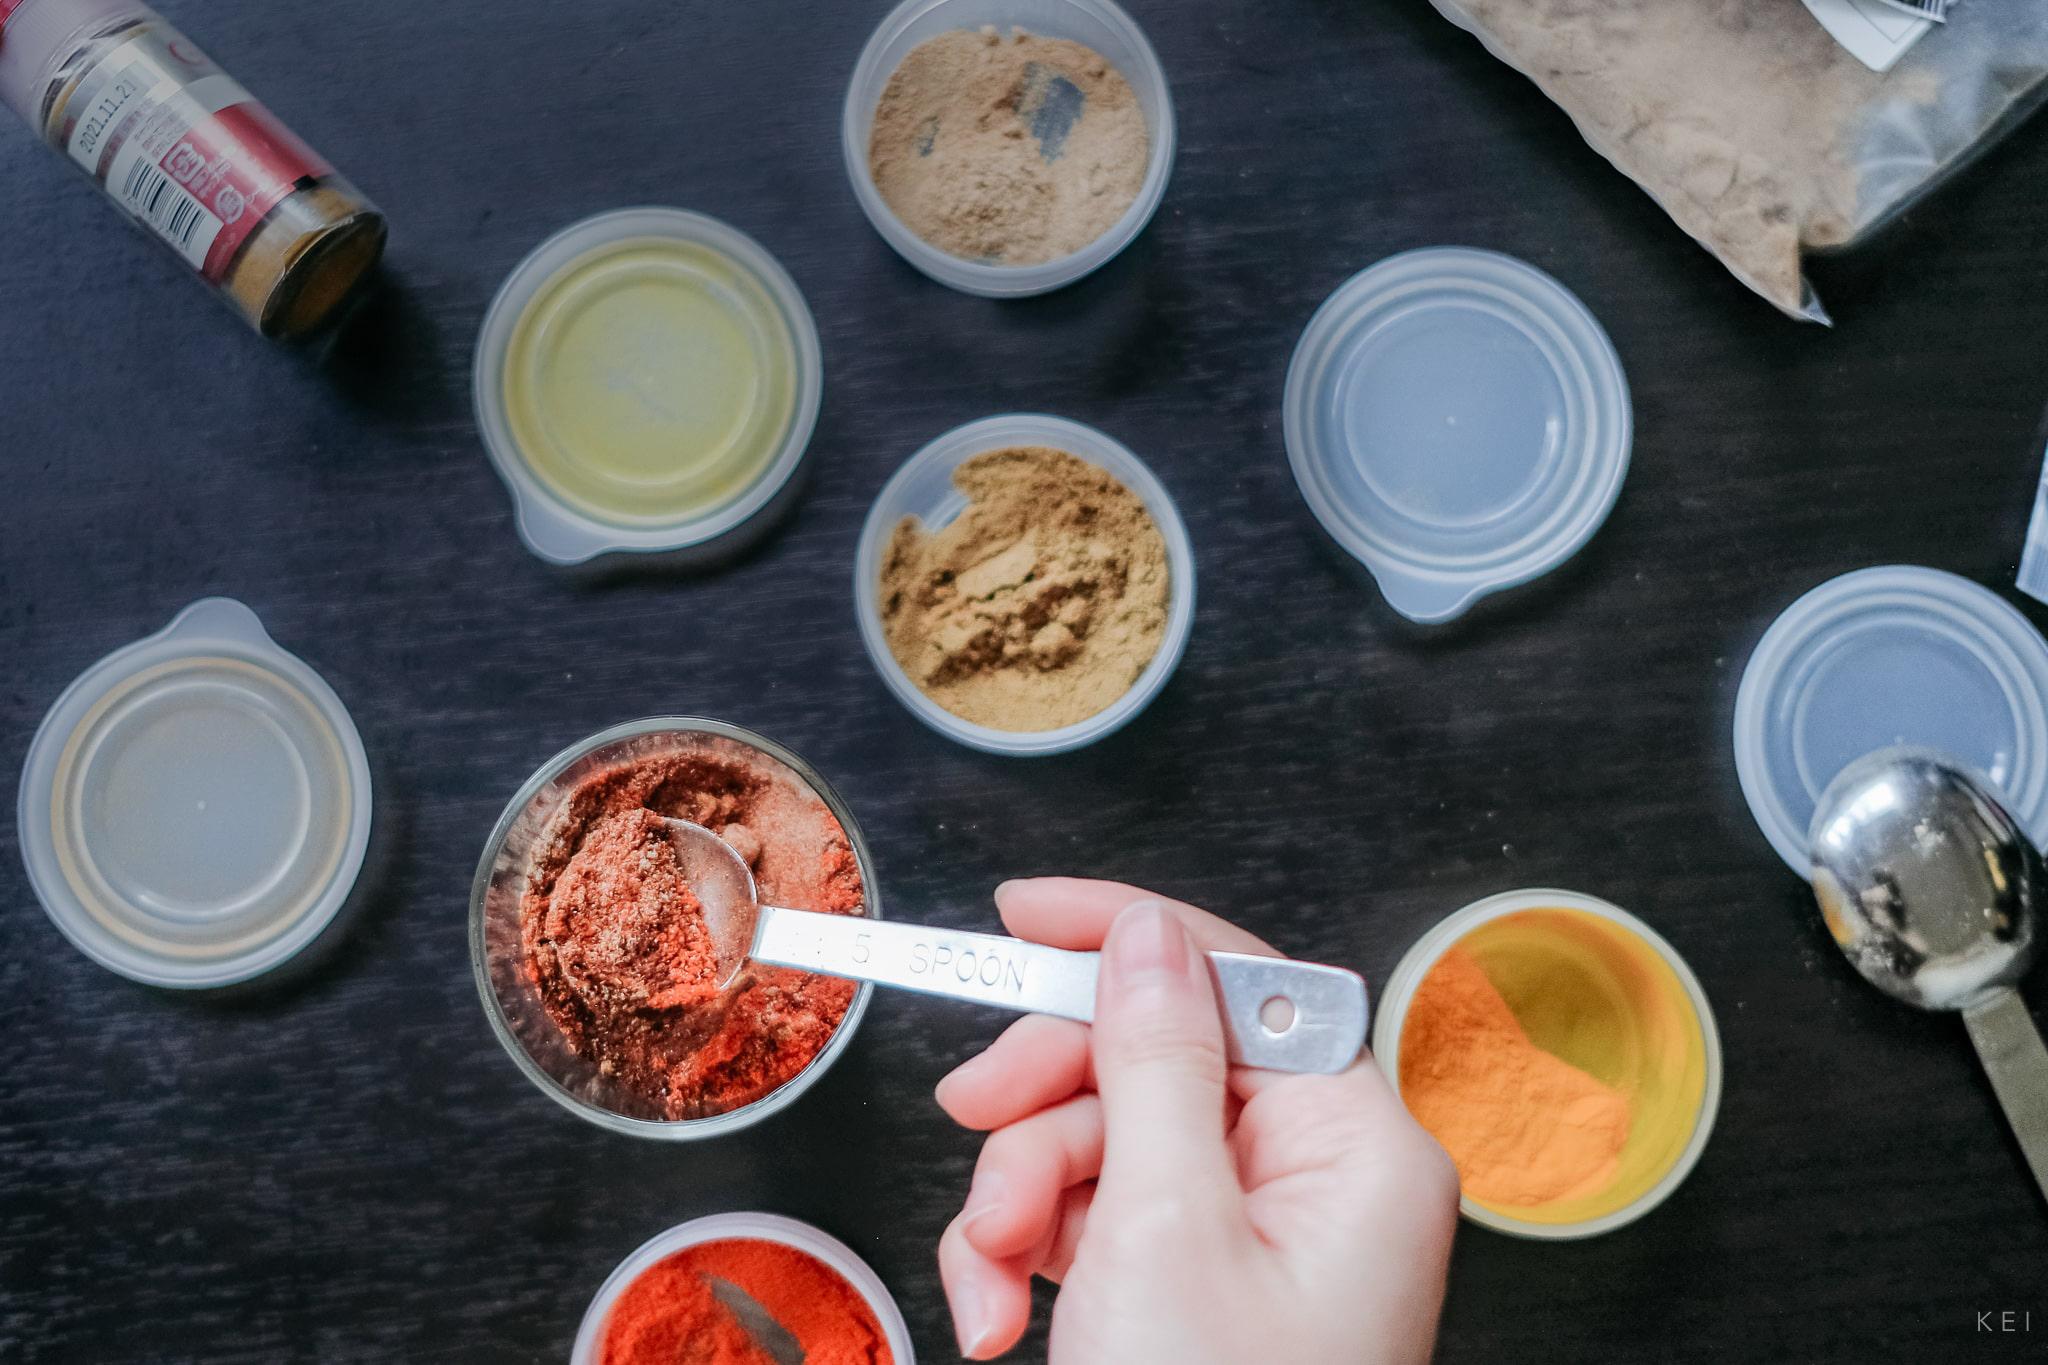 調配自己的咖哩粉